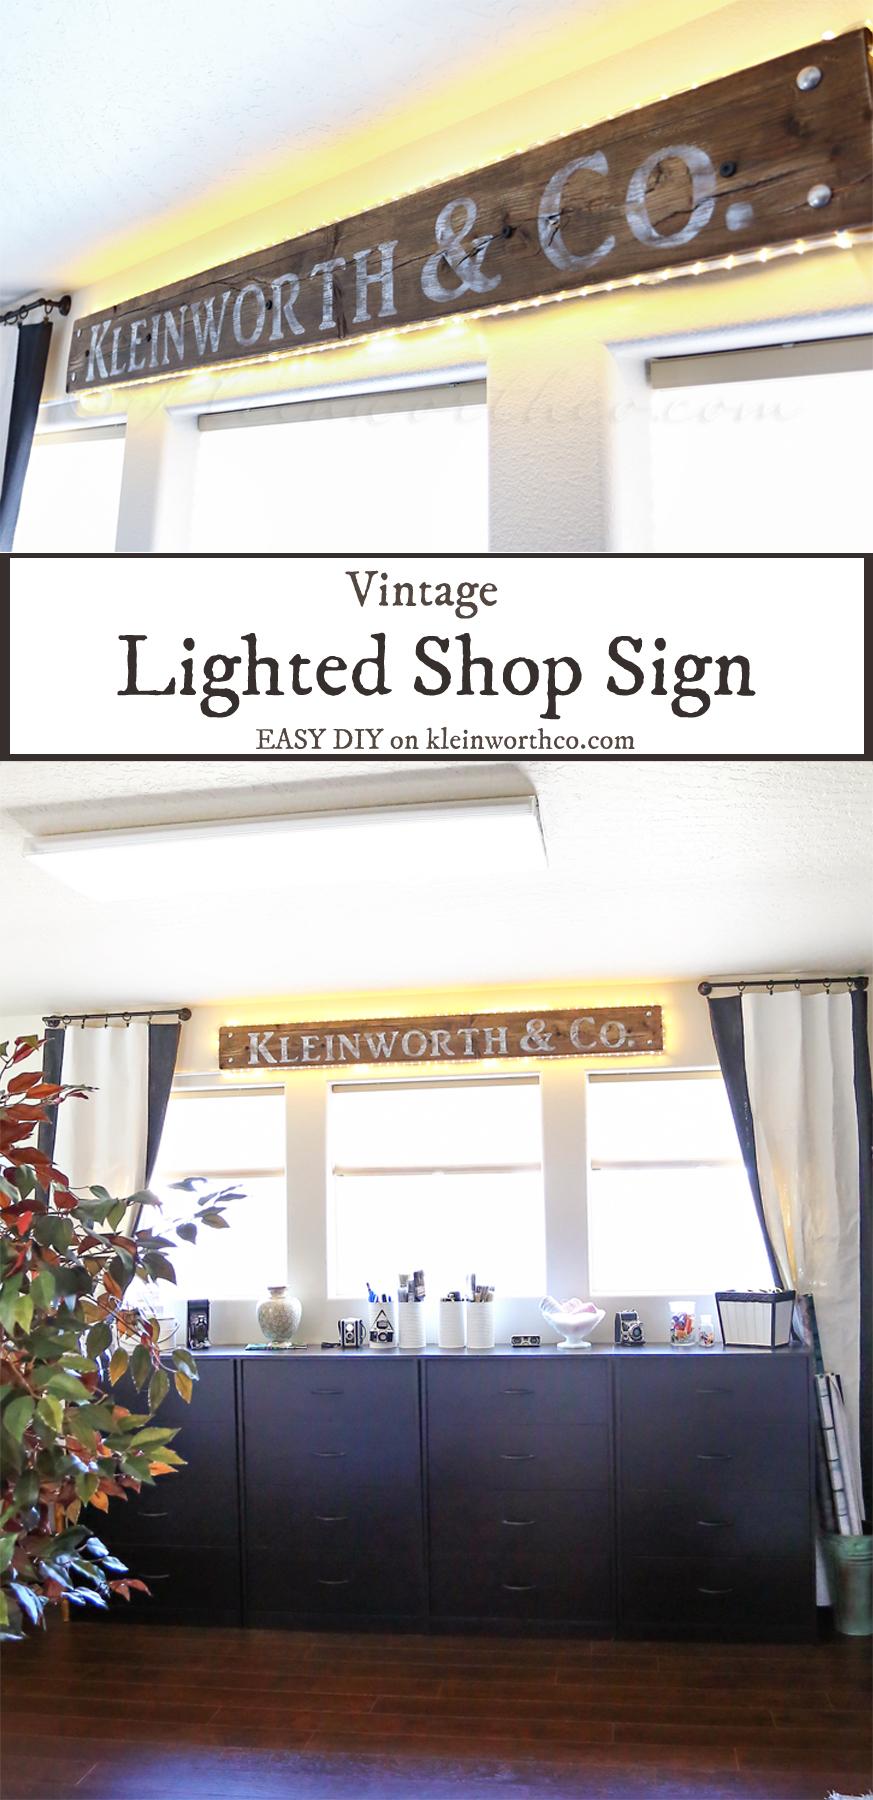 Vintage Lighted Shop Sign